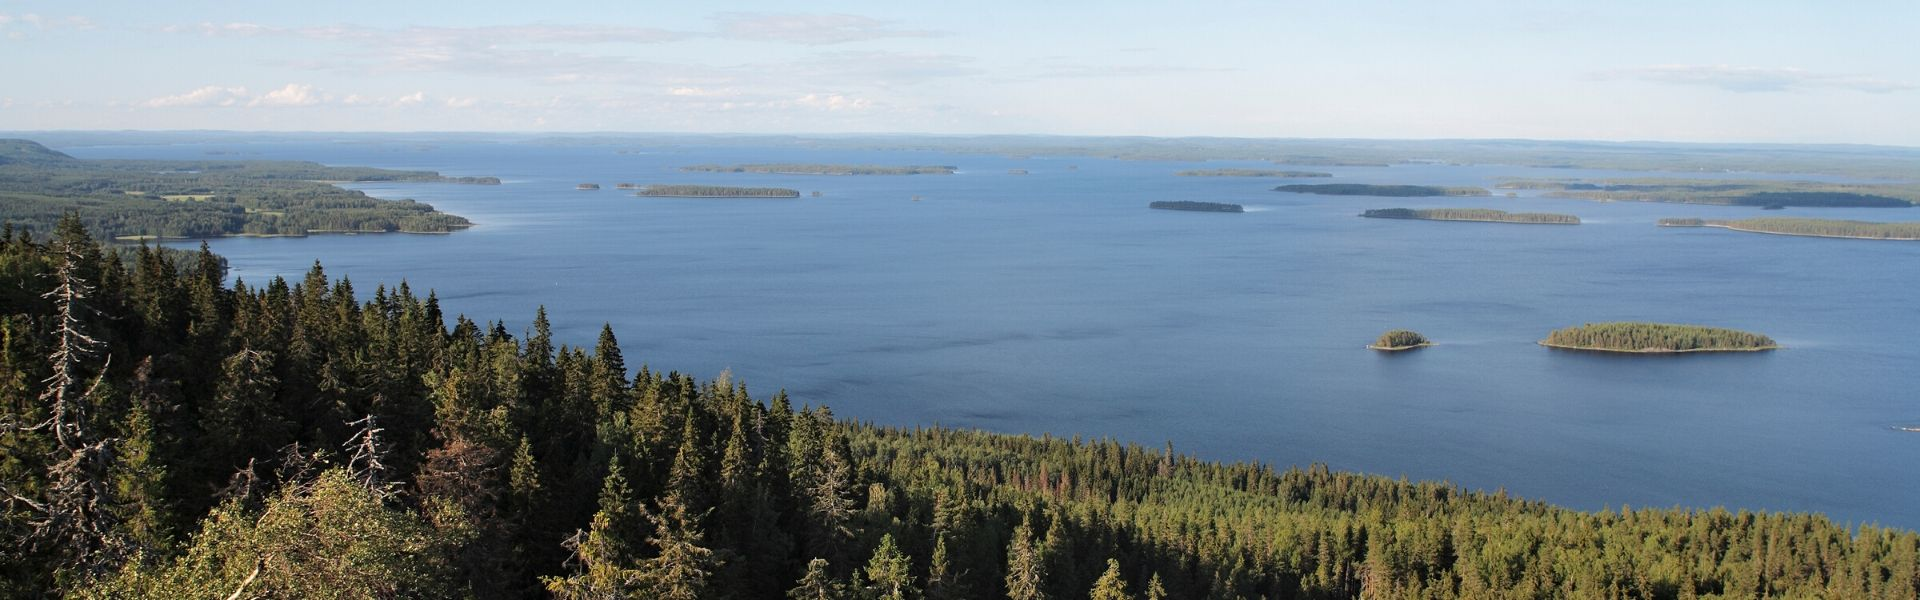 soome loodus, saarestik, järved